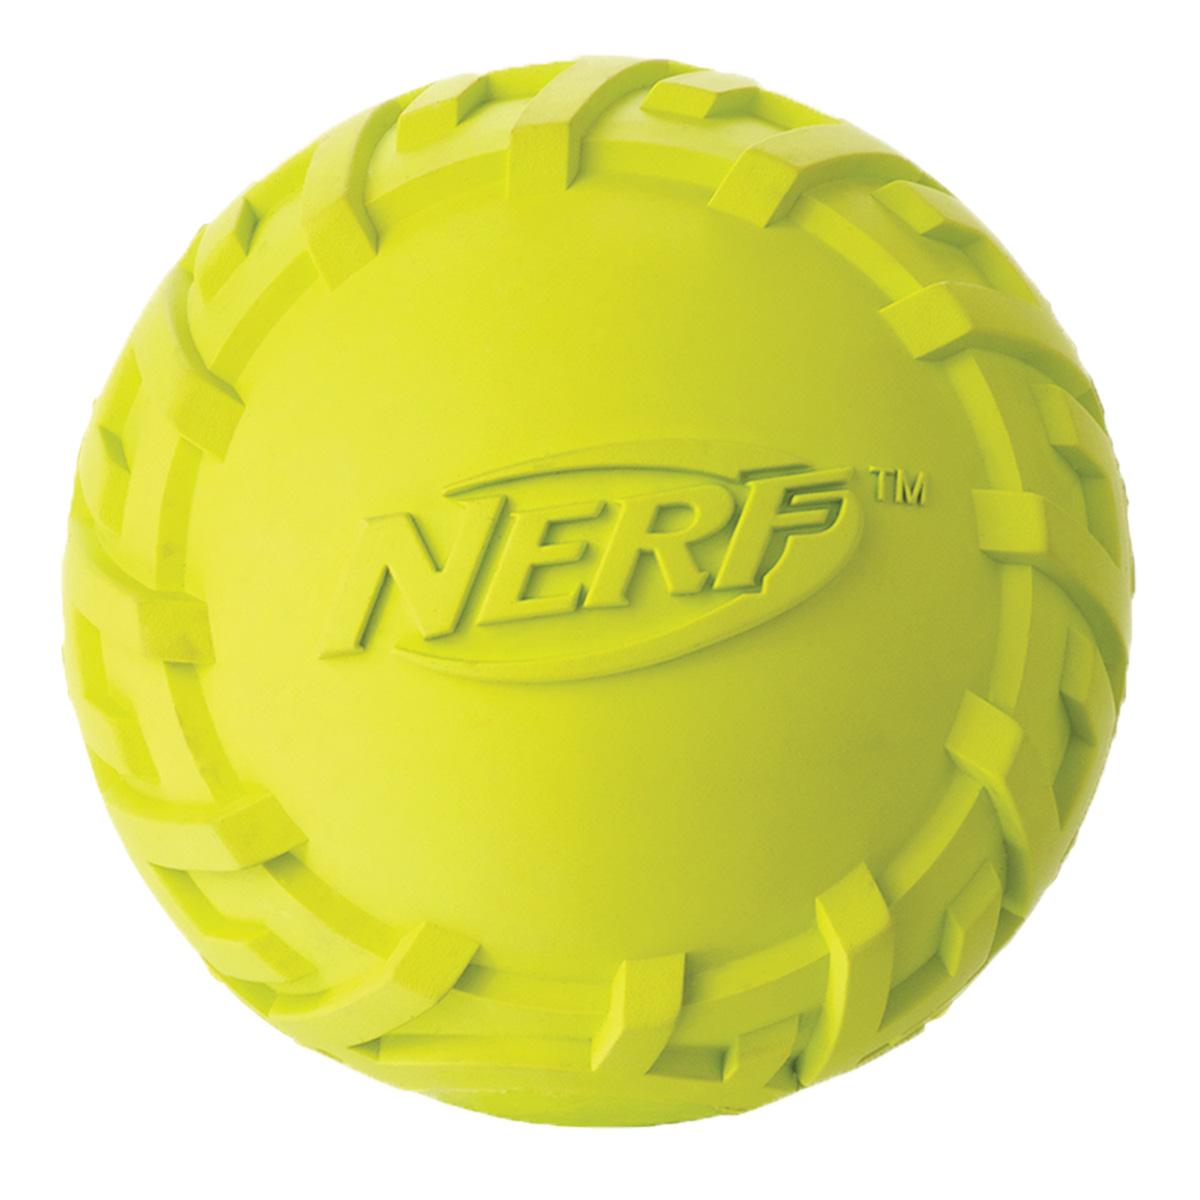 Игрушка для собак Nerf Мяч резиновый, с пищалкой, диаметр 6 см75119Мяч Nerf имеет уникальный рисунок протектора шины.Изготовлен из сверхпрочной резины, что обеспечивает долговечность использования. Подходит для собак с самой мощной челюстью. Мяч имеет пищалку.Размер S: 6 см.